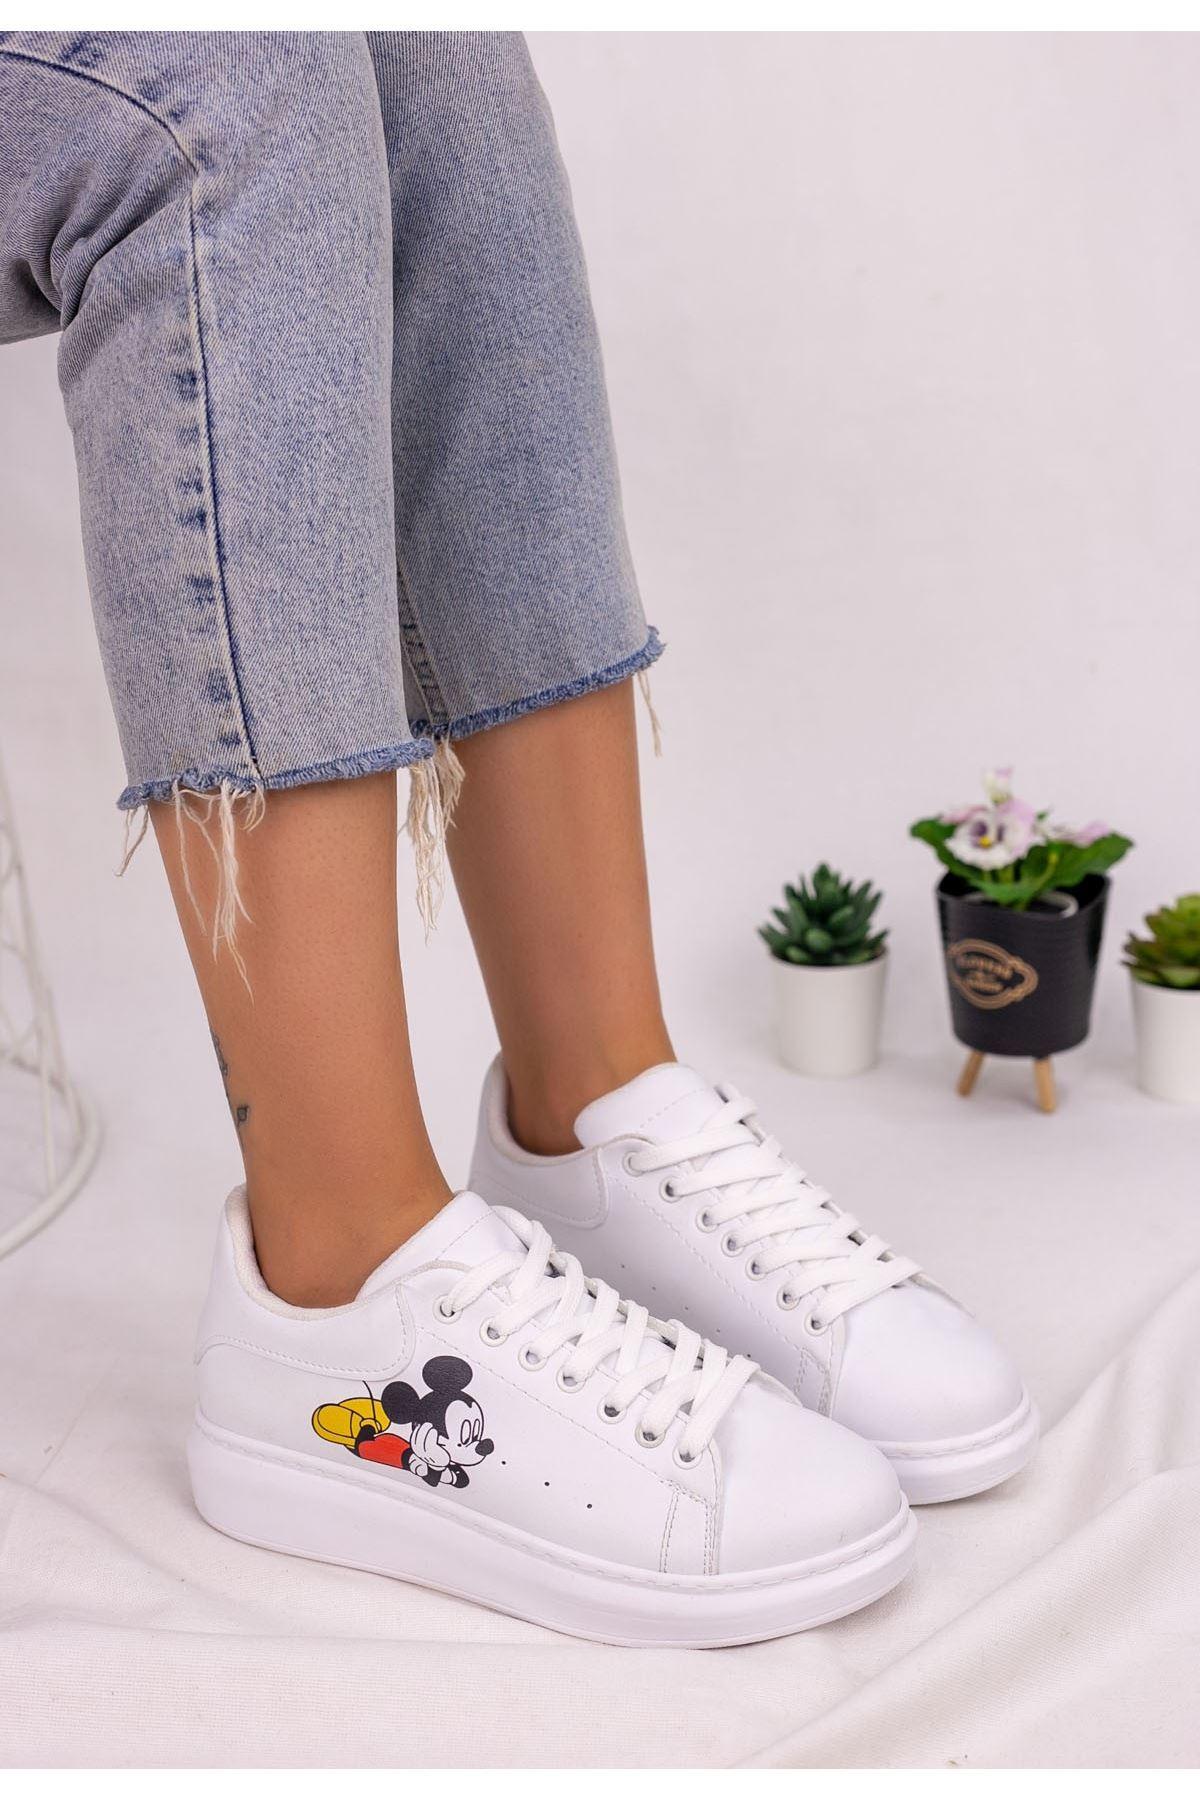 Neomixi Beyaz Mickey Mause  Beyaz Detaylı Spor Ayakkabı